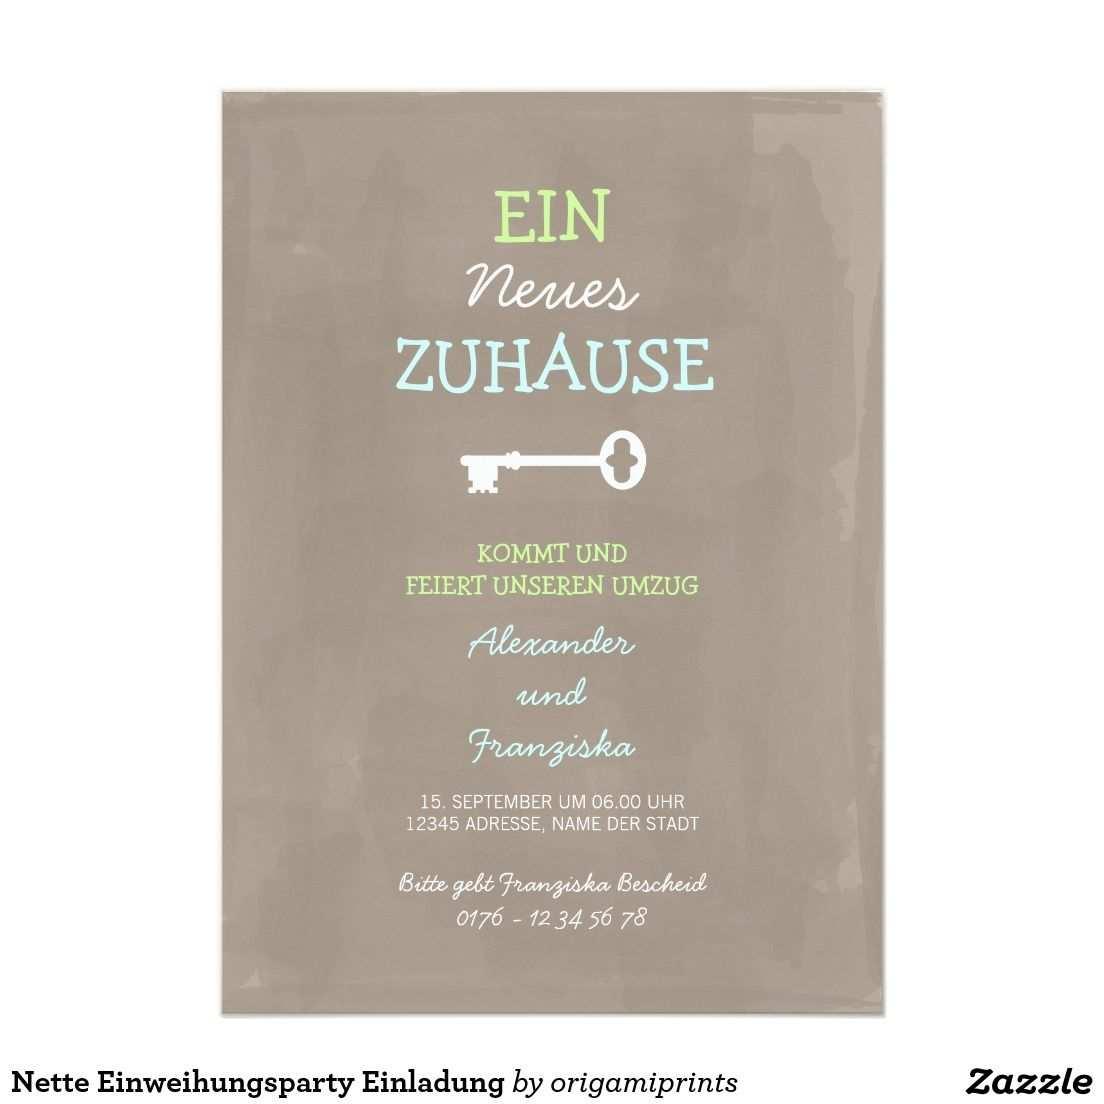 Nette Einweihungsparty Einladung Zazzle De Einweihungsparty